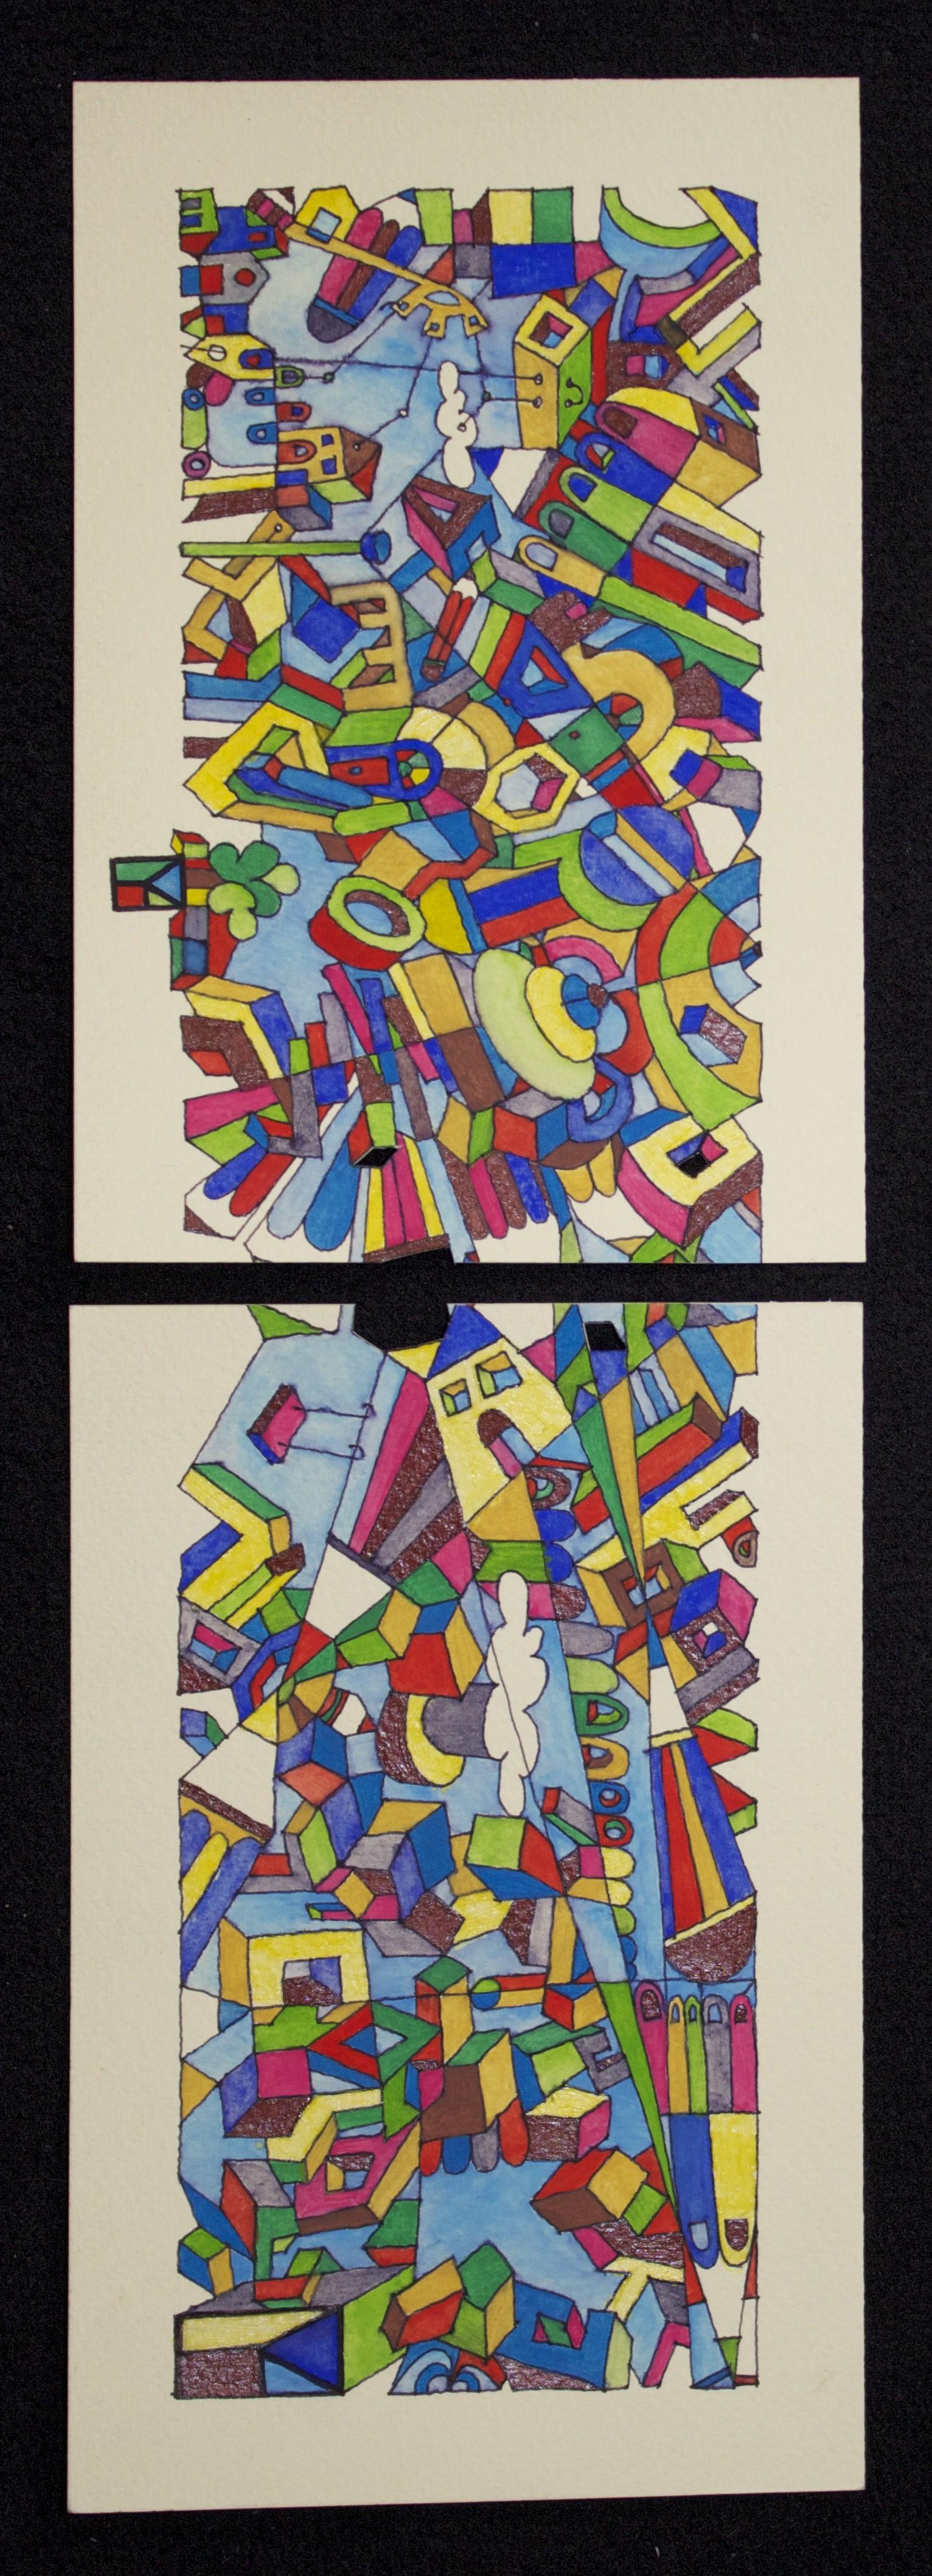 i due verticali acrilico su carta cm 12x36